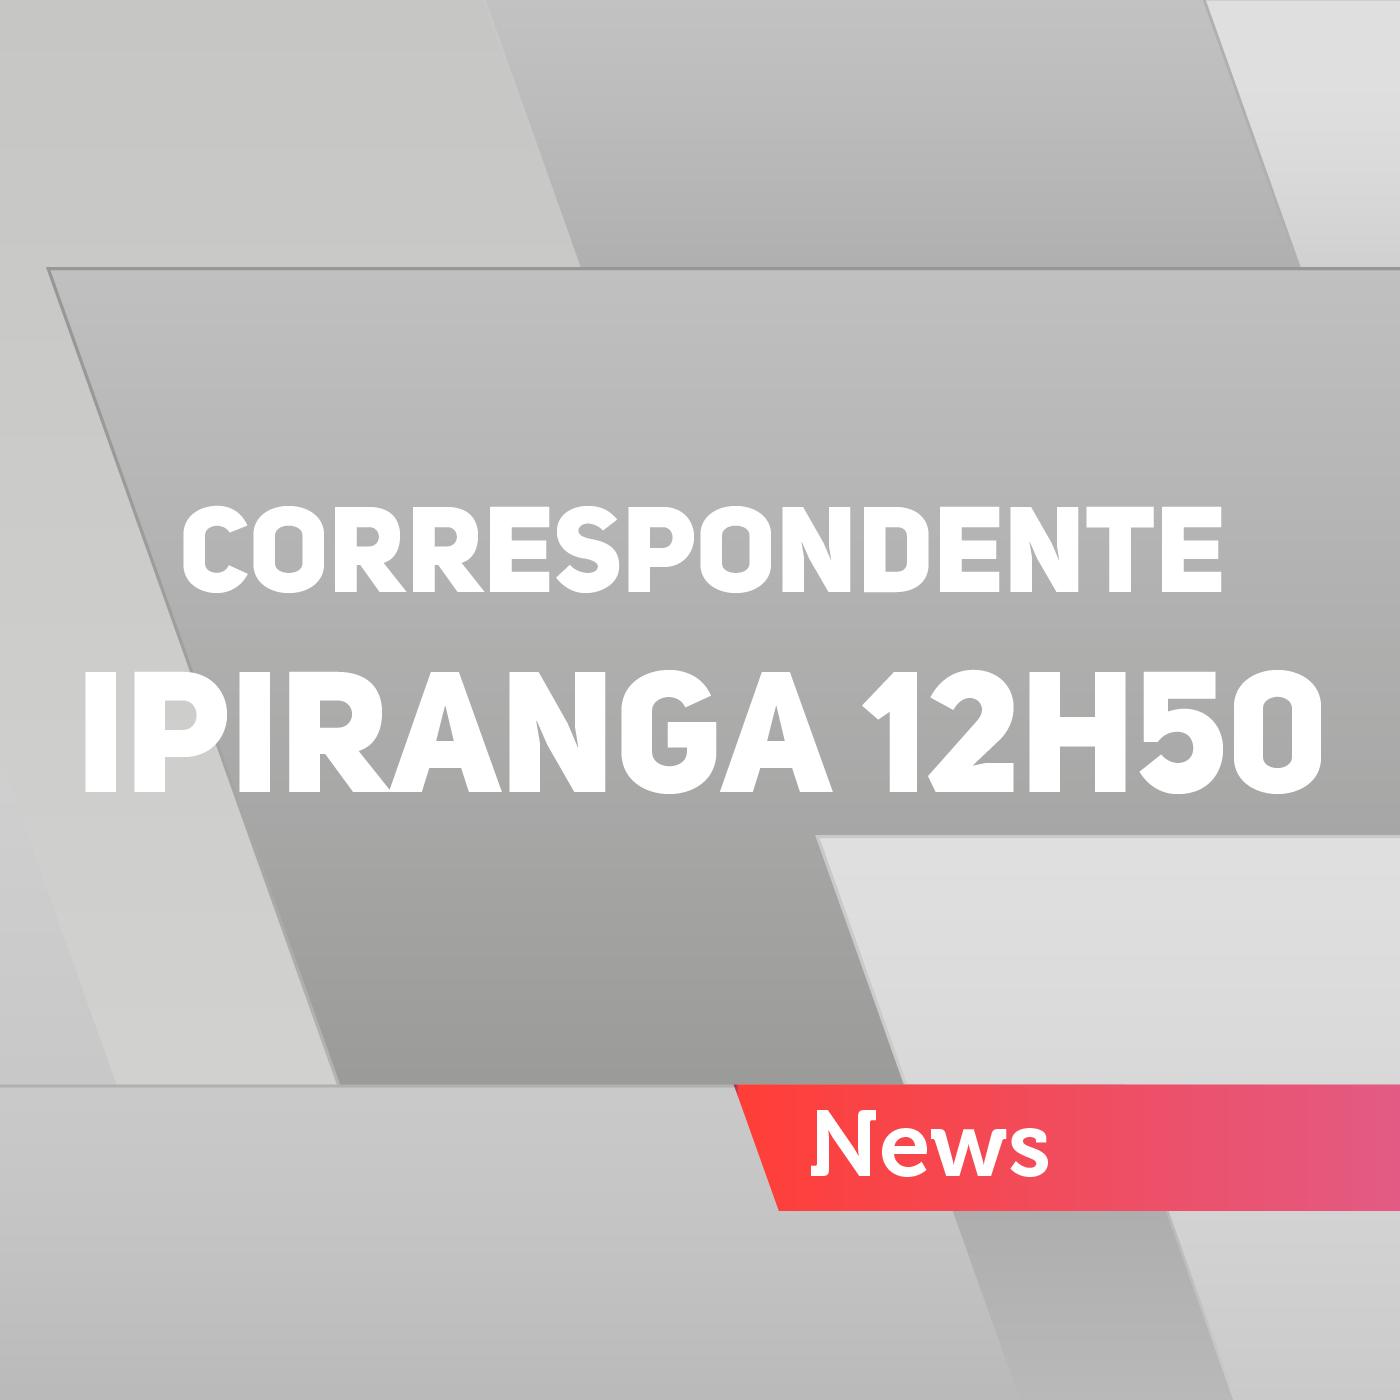 Correspondente Ipiranga - 12h50 - 27/05/2016